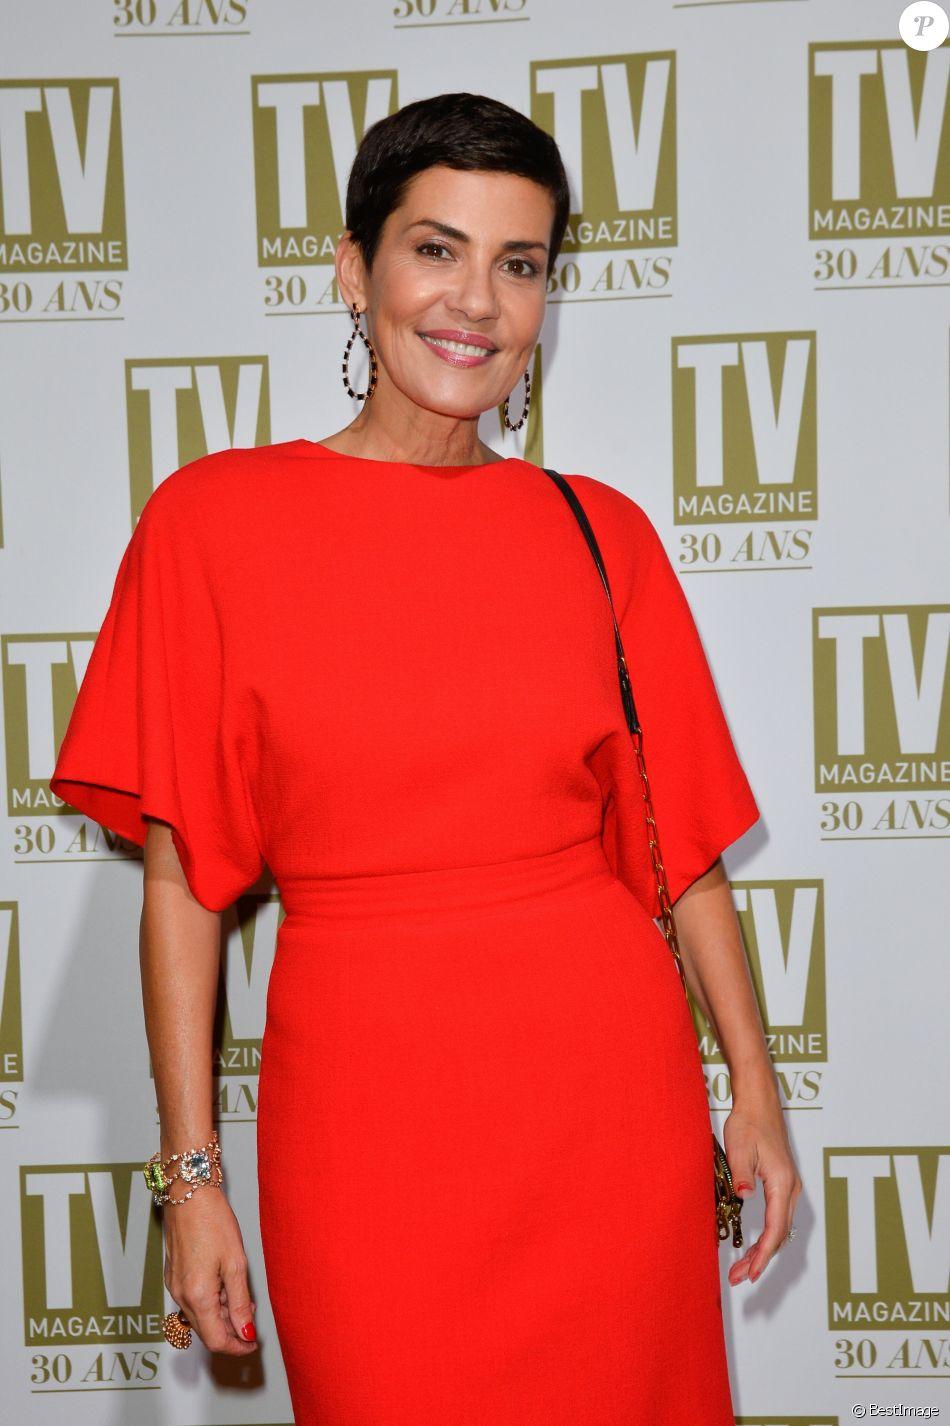 Exclusif - Cristina Cordula - Soirée d'anniversaire des 30 ans de TV Magazine au Pavillon des Champs-Elysées à Paris le 17 octobre 2017. © Coadic Guirec/Bestimage